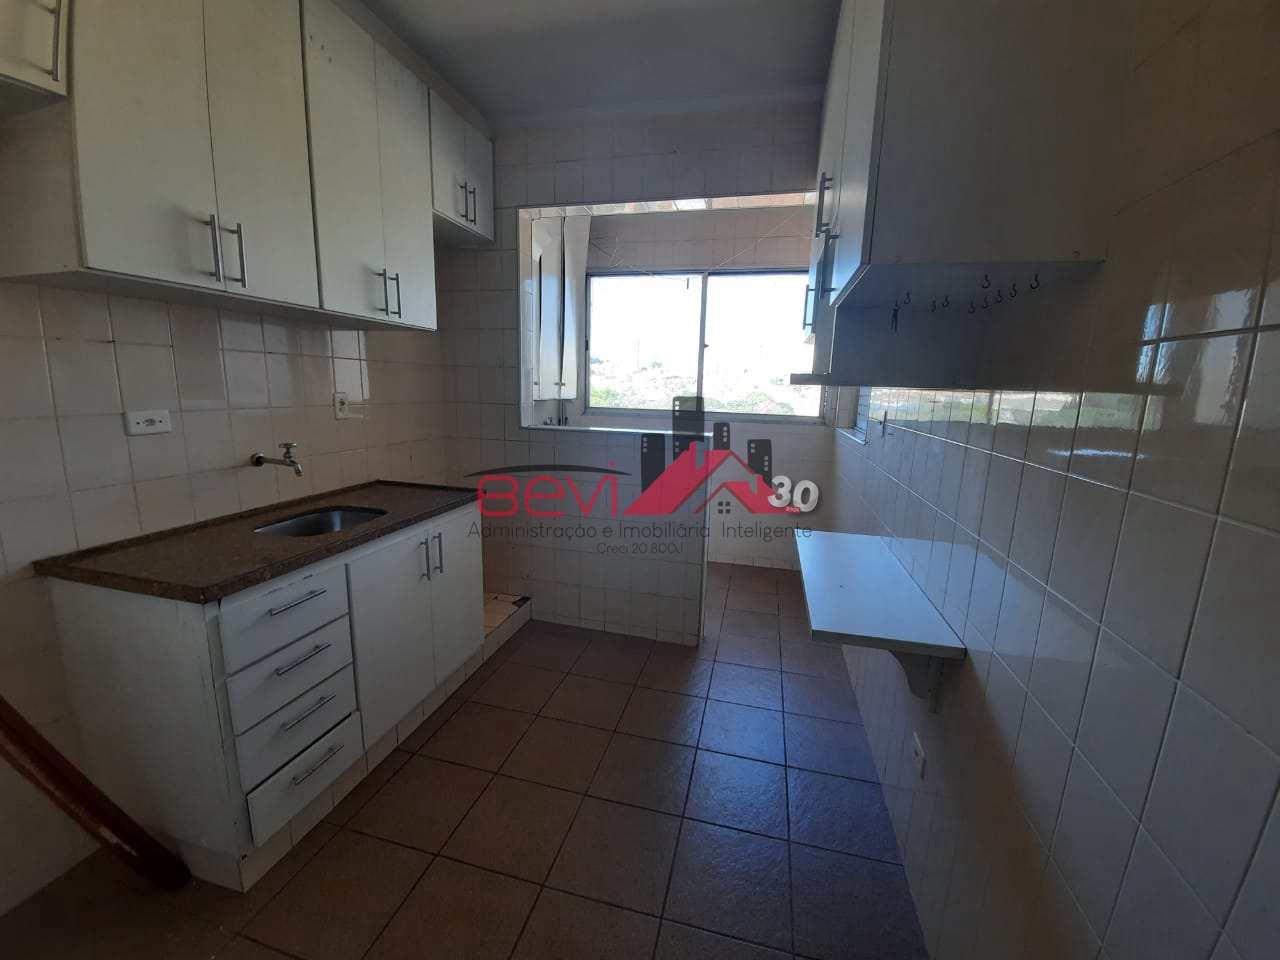 Apartamento com 3 dorms com Excelente Localização.Oportunidade!